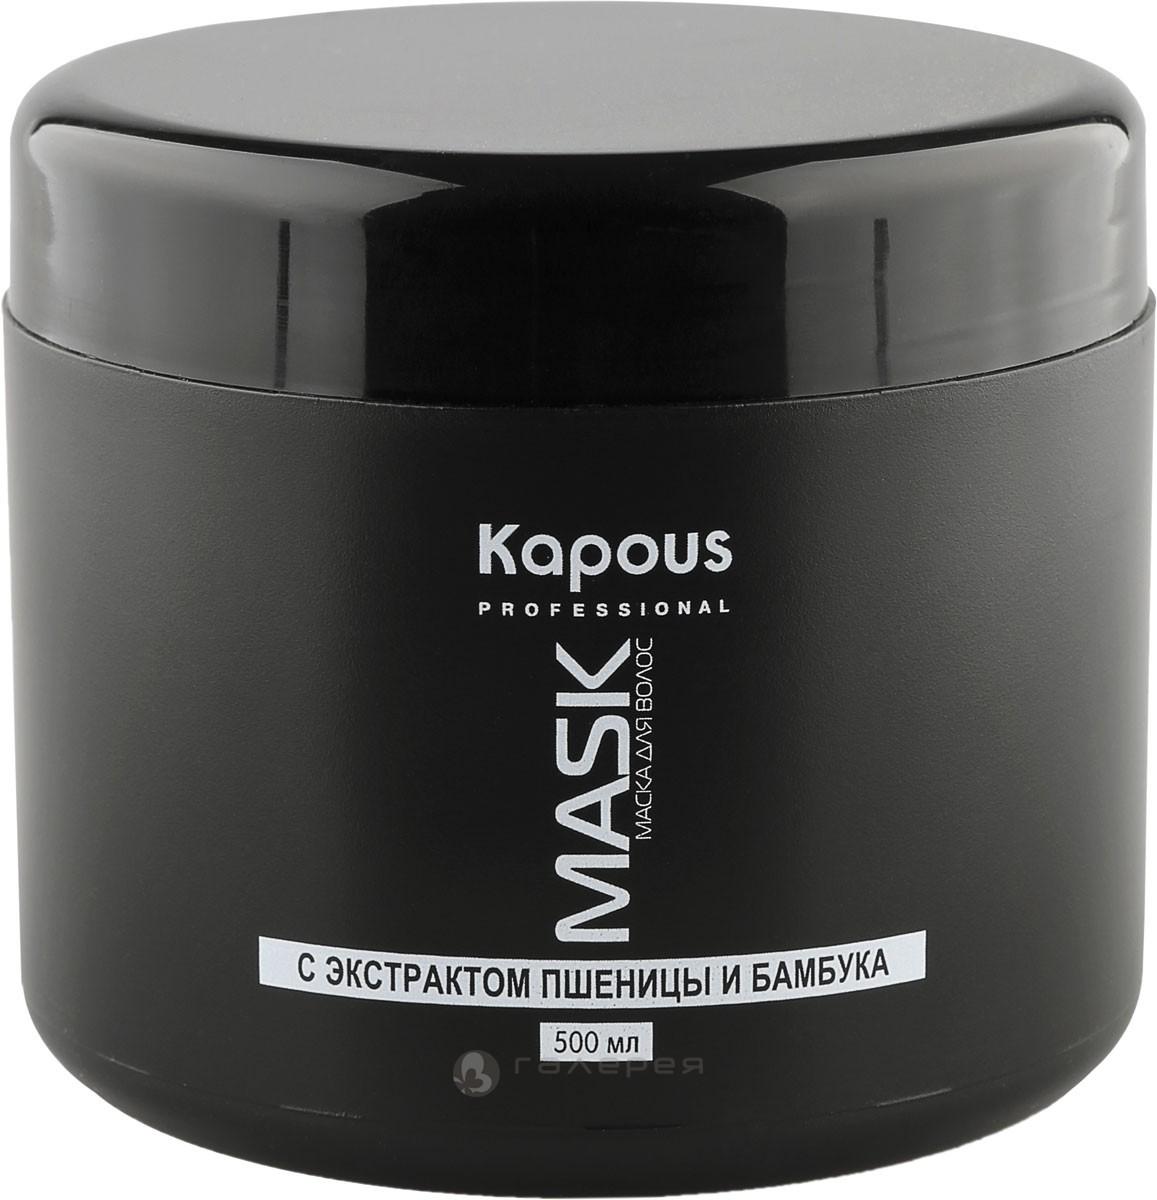 Kapous. Caring Line